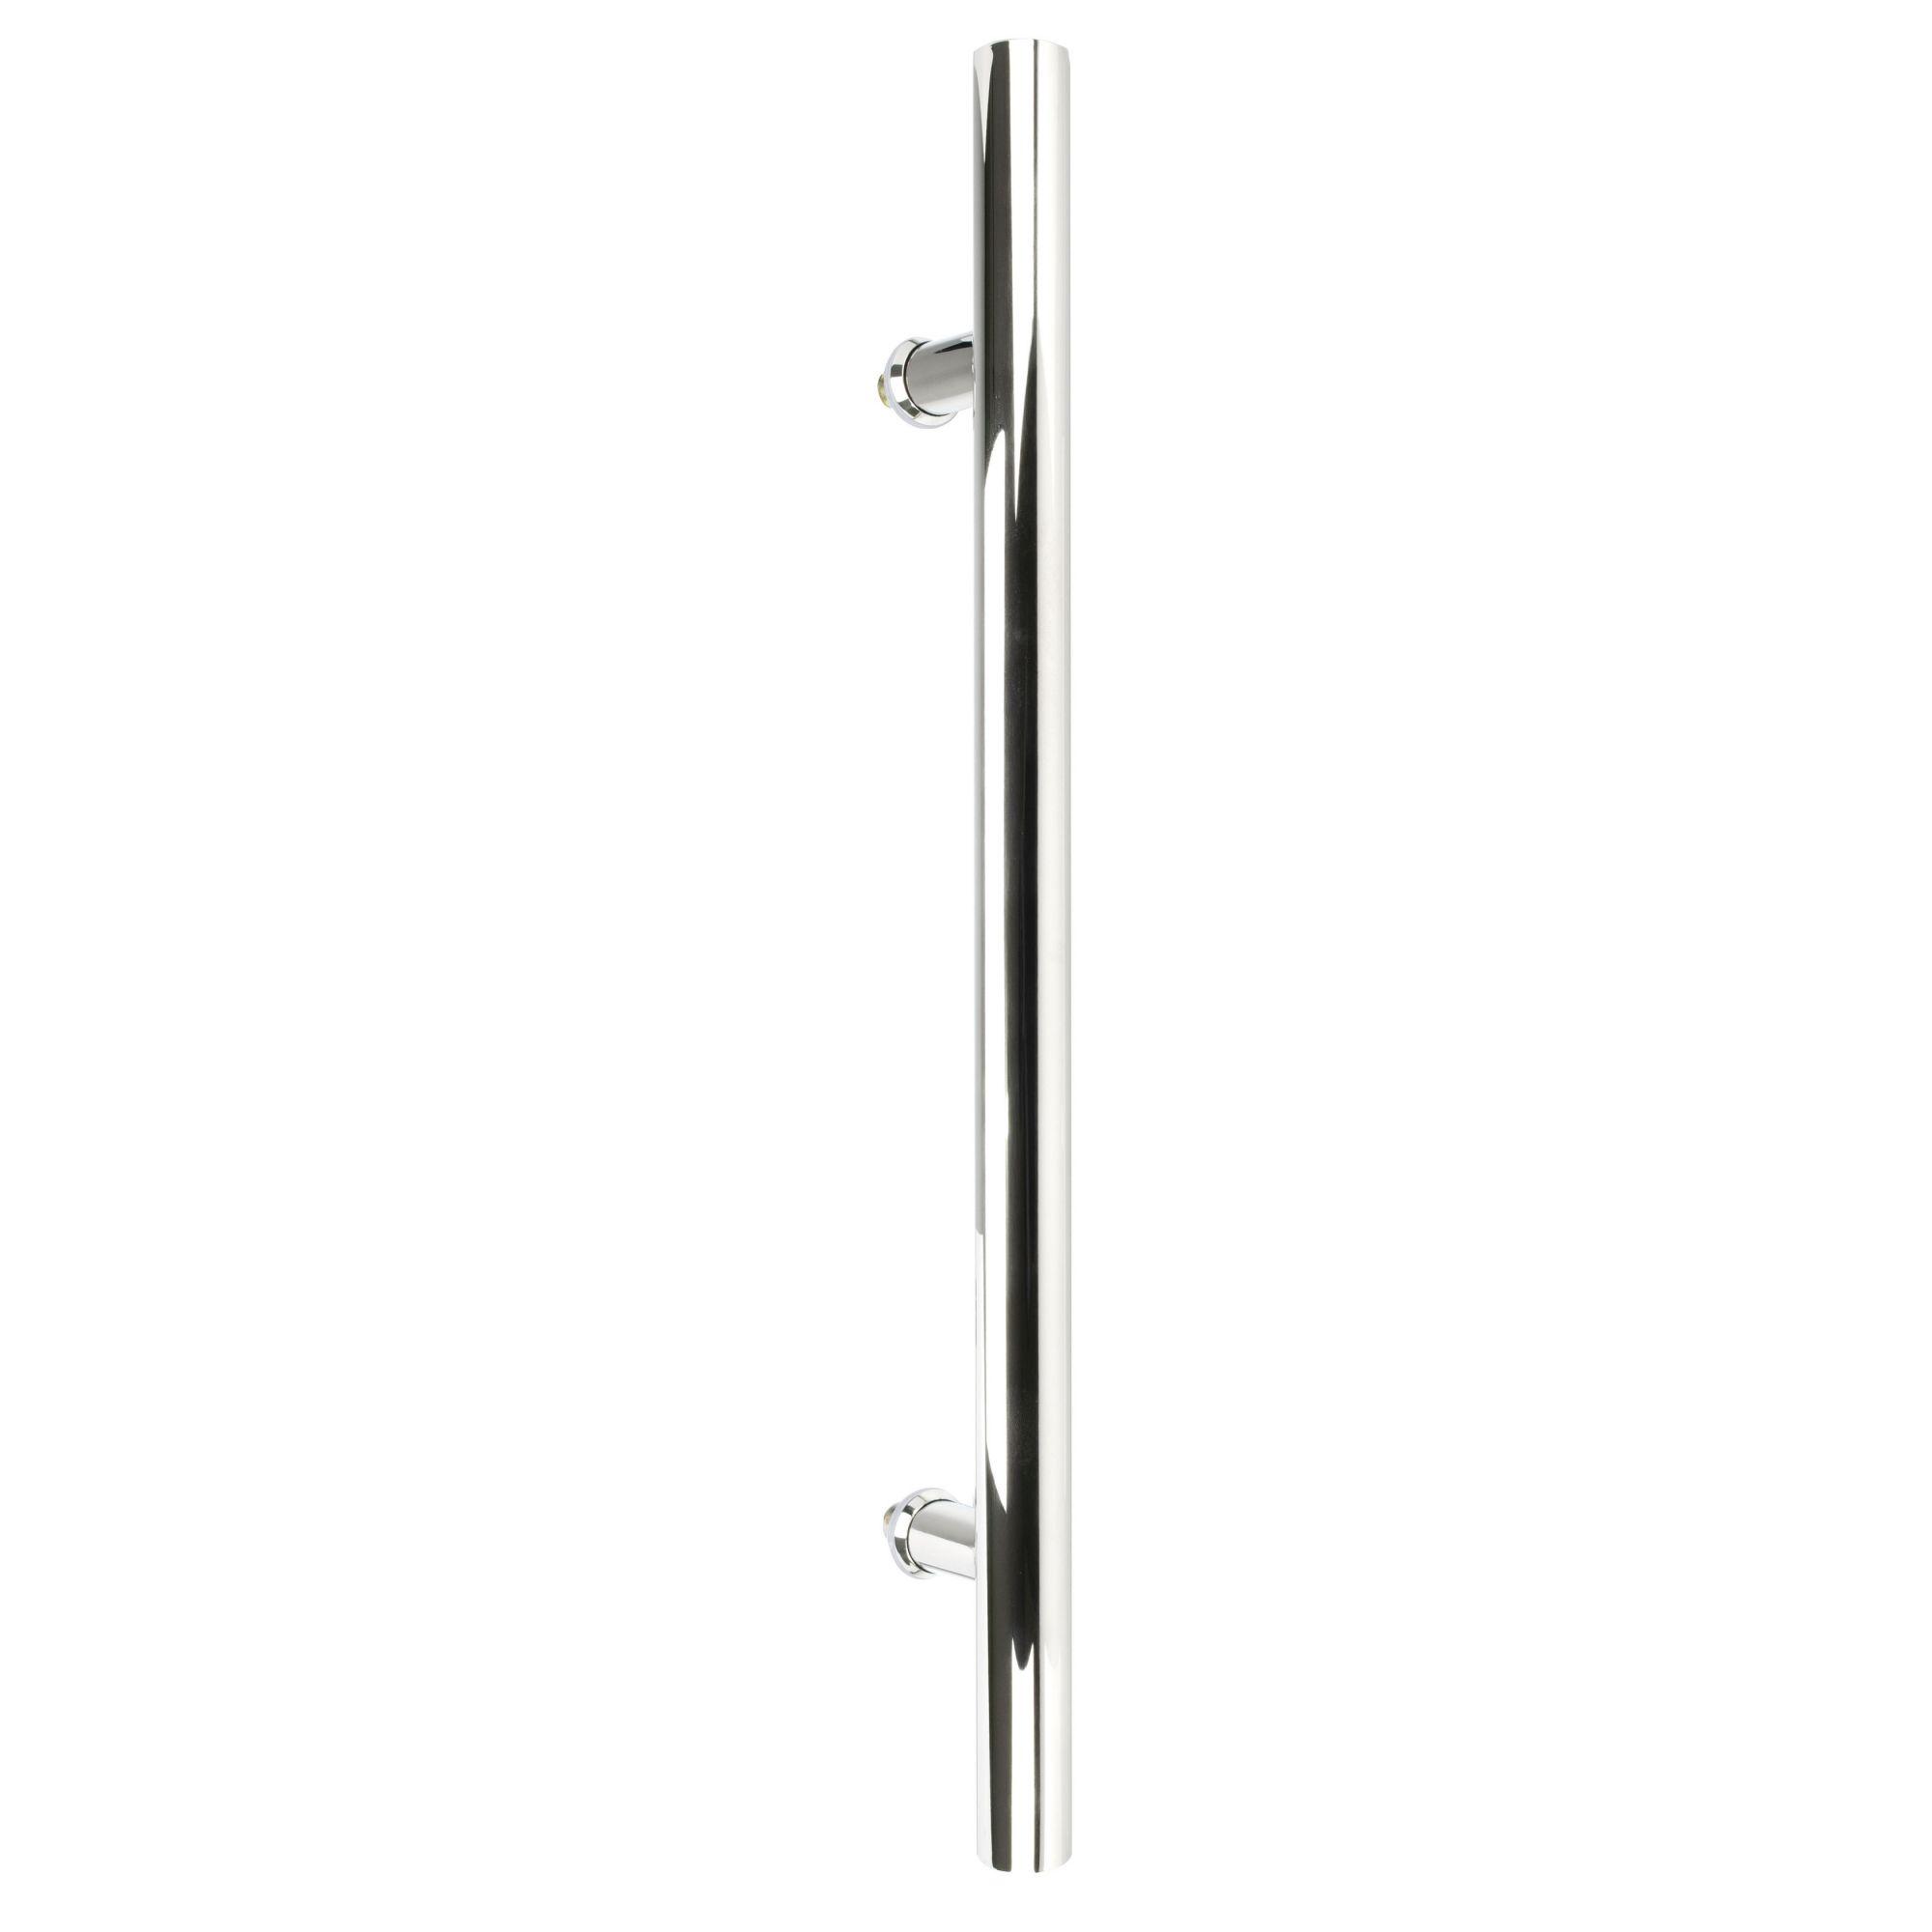 Puxador inox para porta madeira e vidro tubular redondo 30x45cm H05